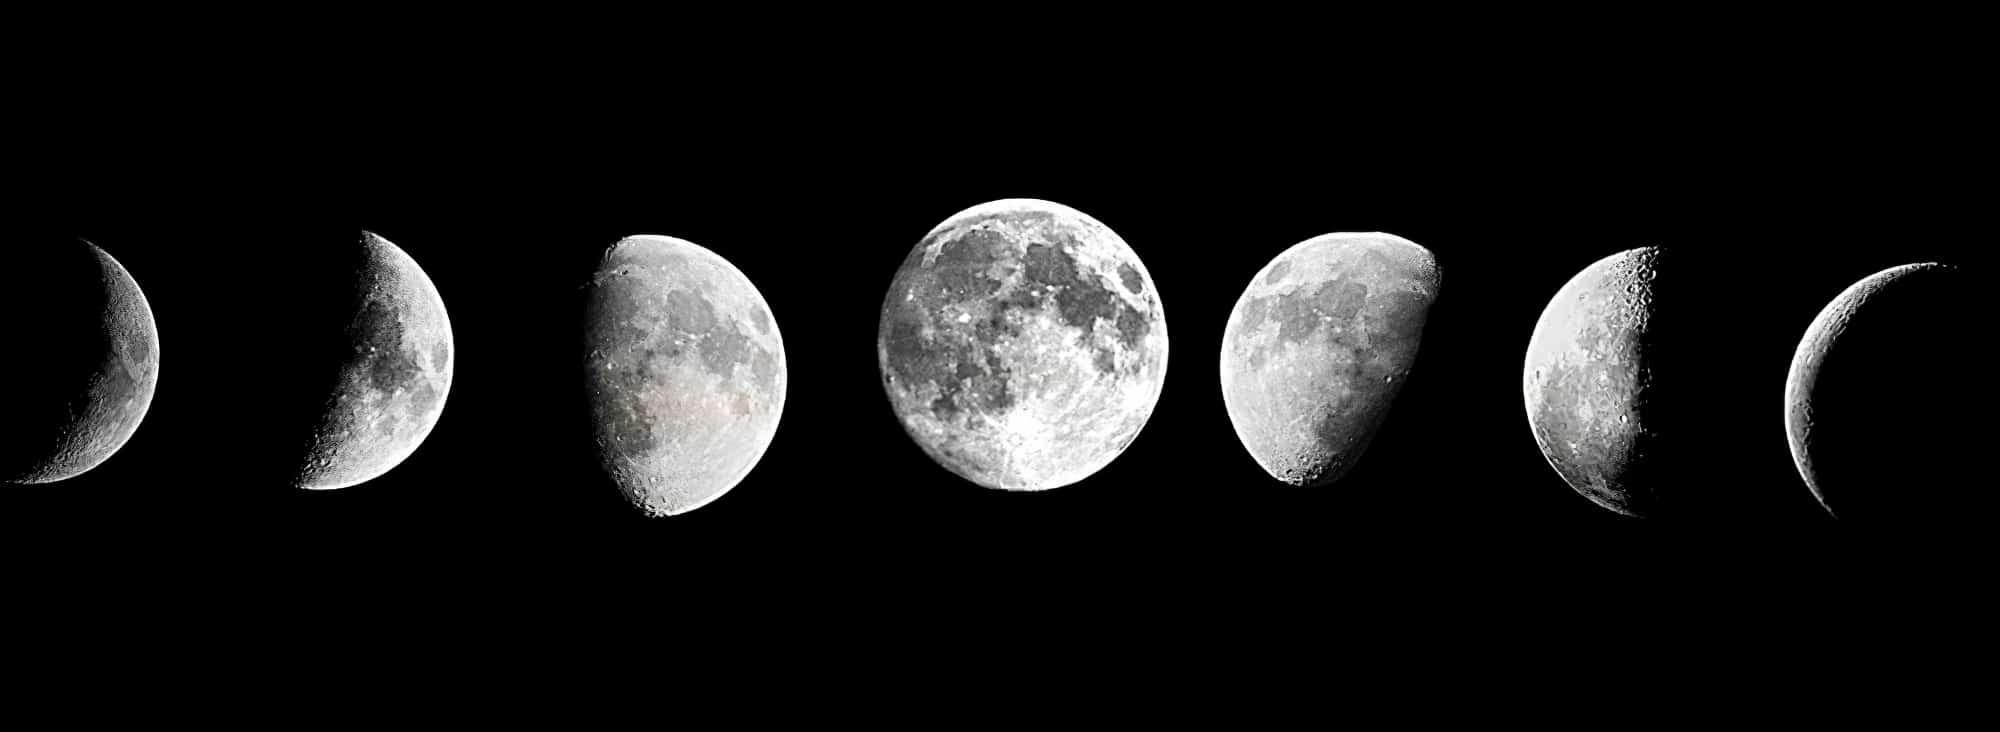 16 choses à savoir sur notre magnifique Lune